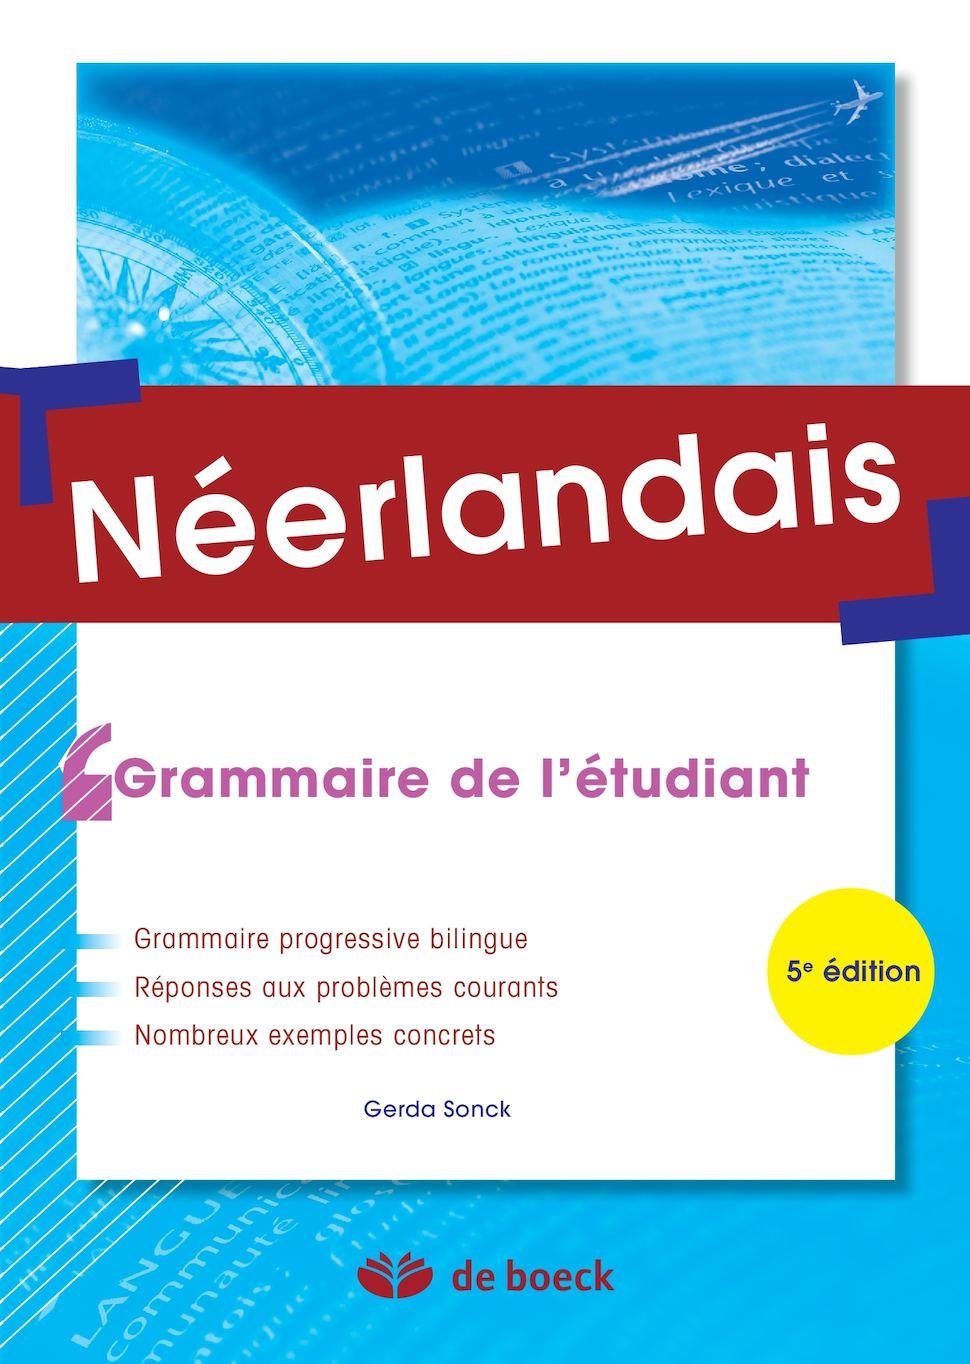 Néerlandais - Grammaire de l'étudiant